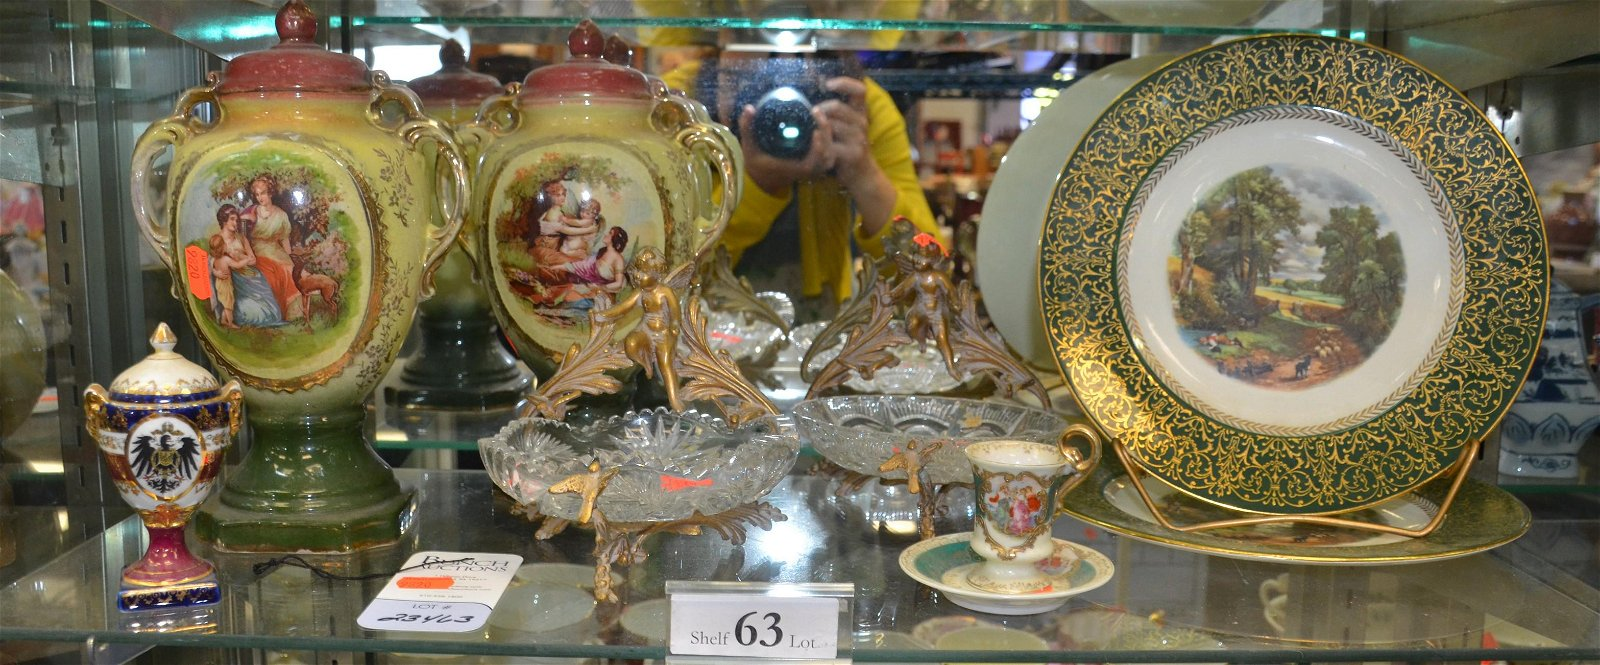 Shelf #63 - Porcelain & Glass